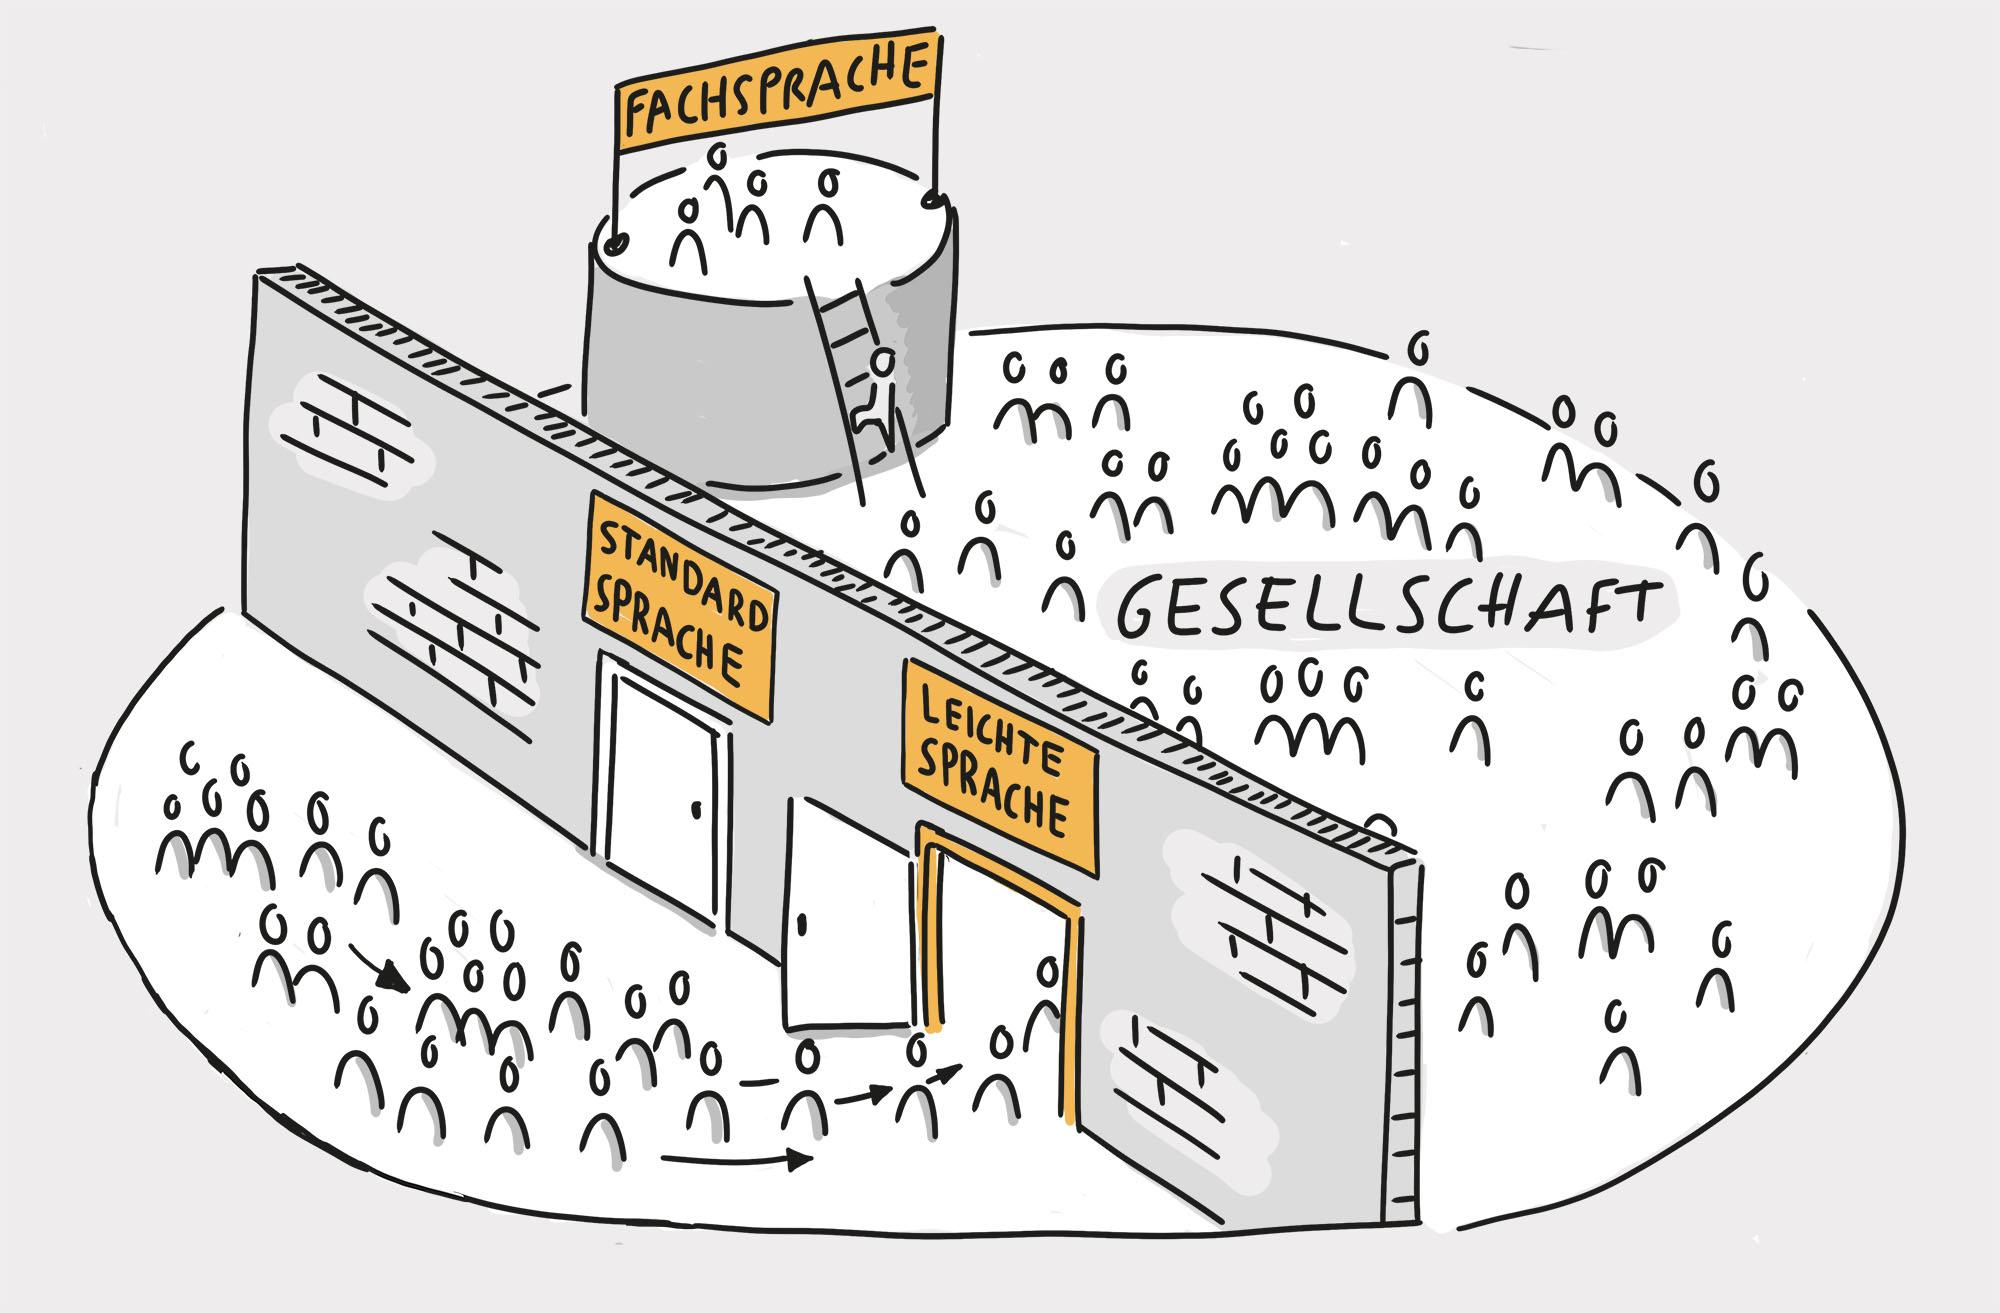 Eine Mauer trennt die Gesellschaft: die Tür Standardsprache ist verschlossen, die der Leichten Sprache ermöglicht den Zugang